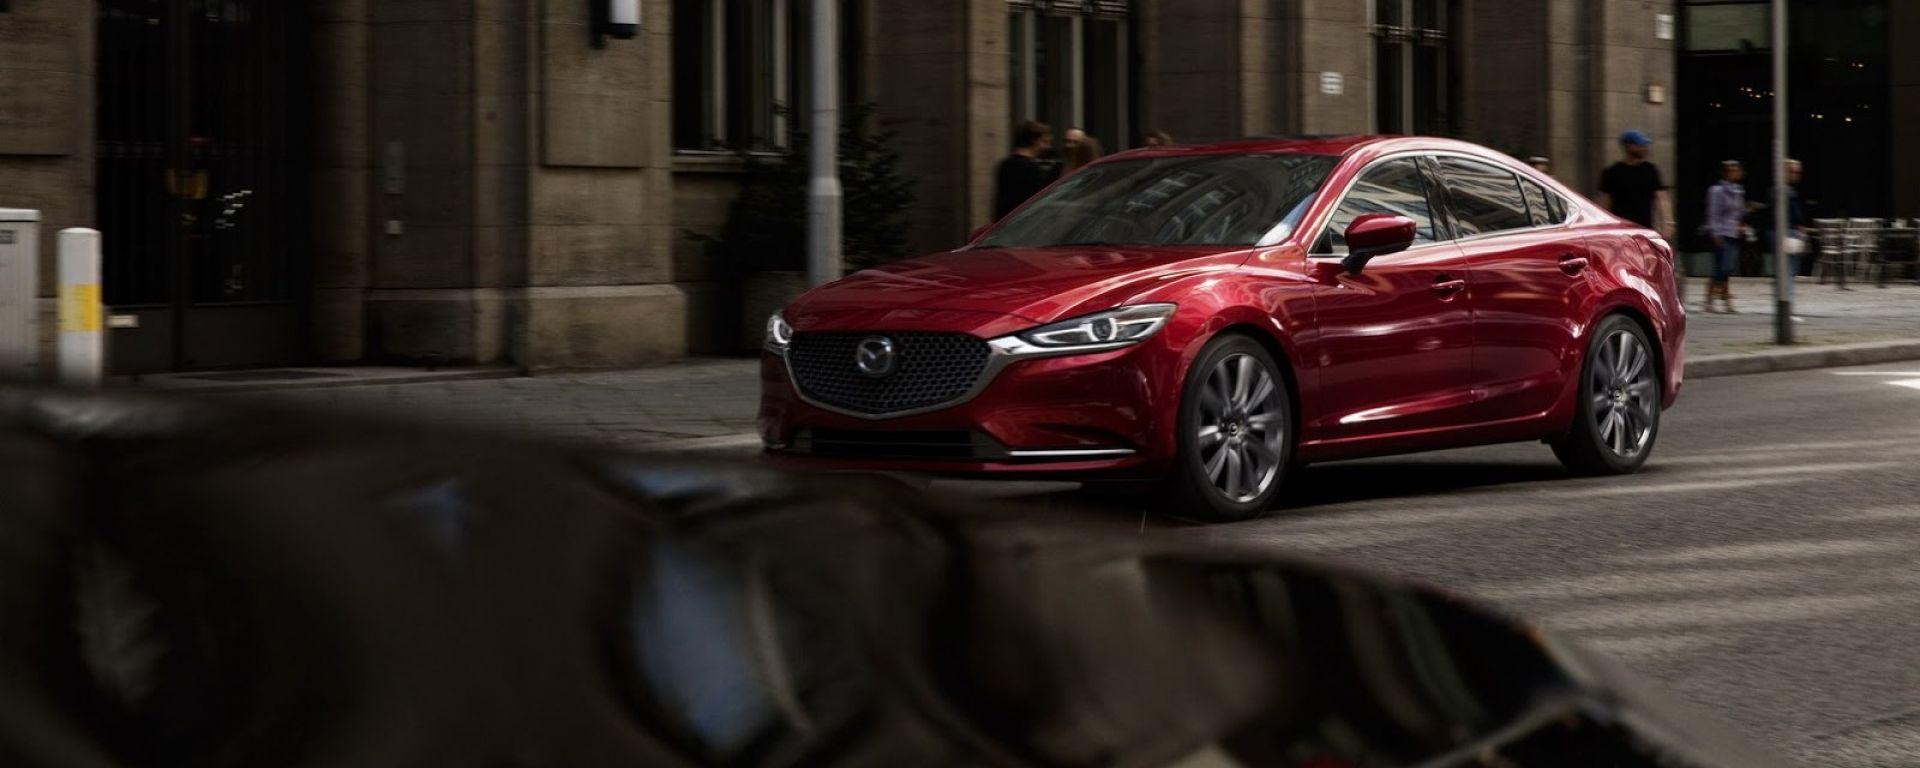 Mazda: nuovi motori Skyactiv-3 più puliti dell'eletrico